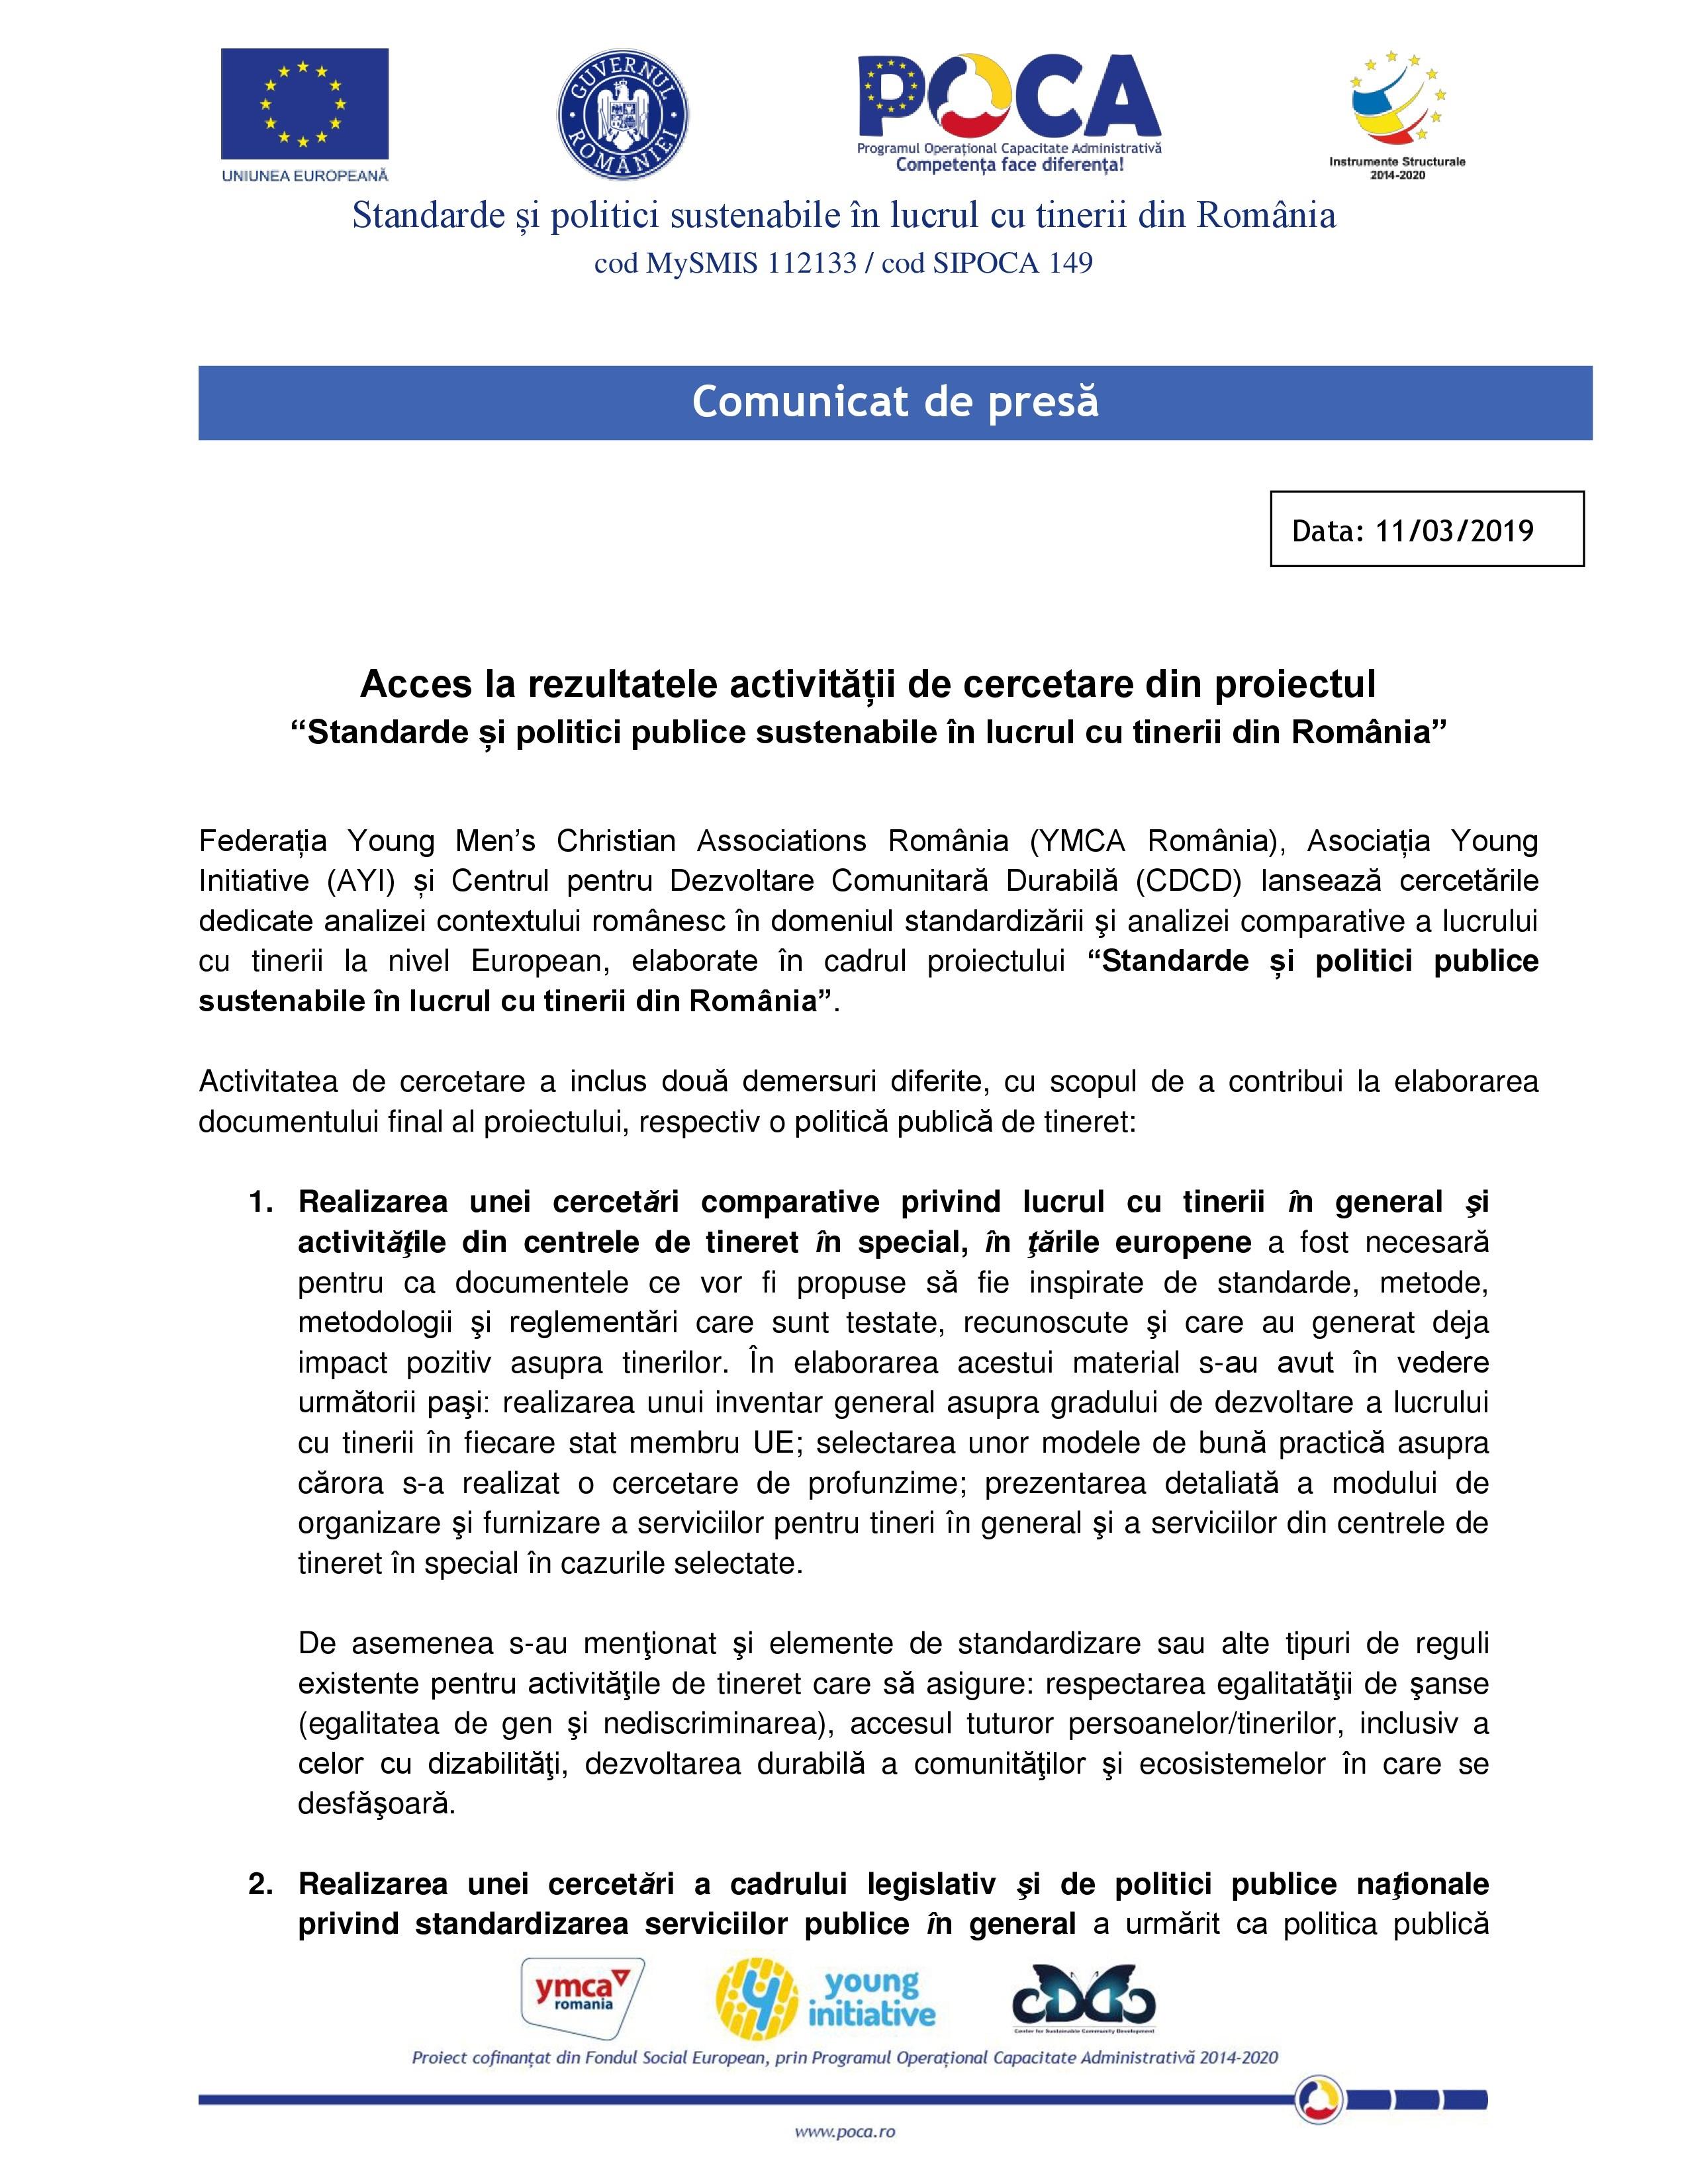 """COMUNICAT DE PRESĂ. Acces la rezultatele activității de cercetare din proiectul """"Standarde și politici publice sustenabile în lucrul cu tinerii din România"""""""